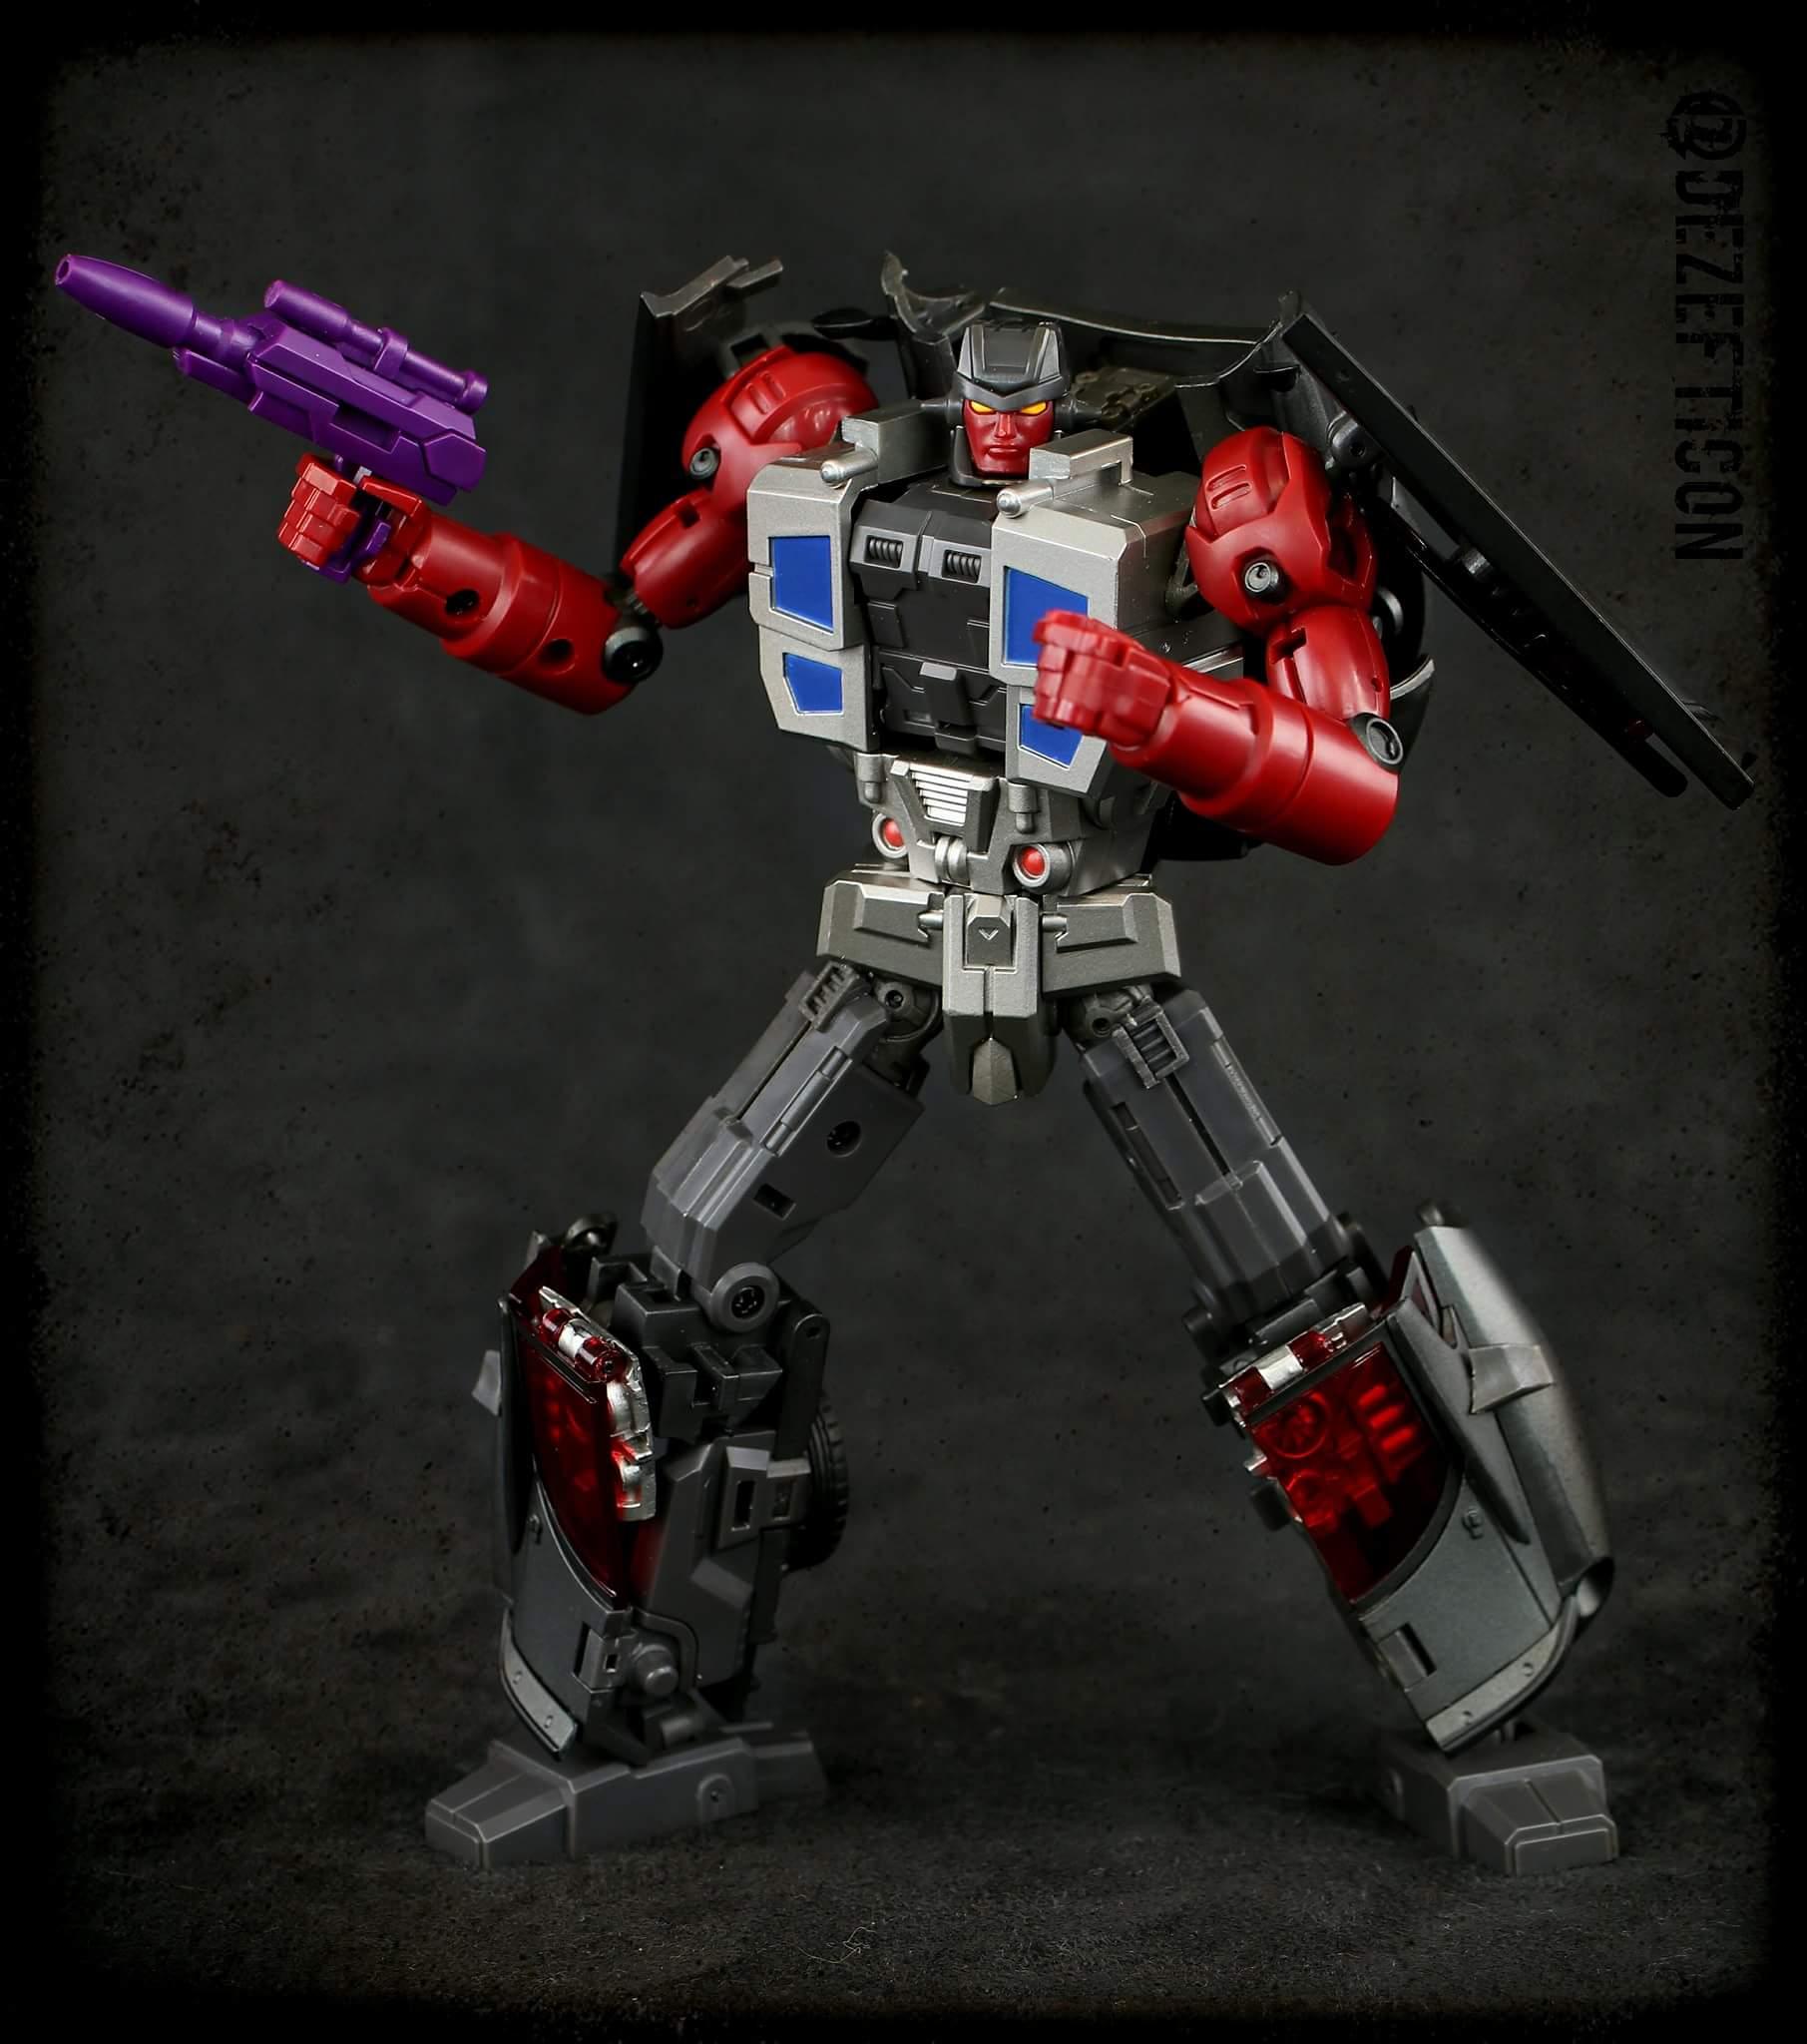 [Transform Mission] Produit Tiers - Jouet M-01 AutoSamurai - aka Menasor/Menaseur des BD IDW - Page 2 QHSCQhVw